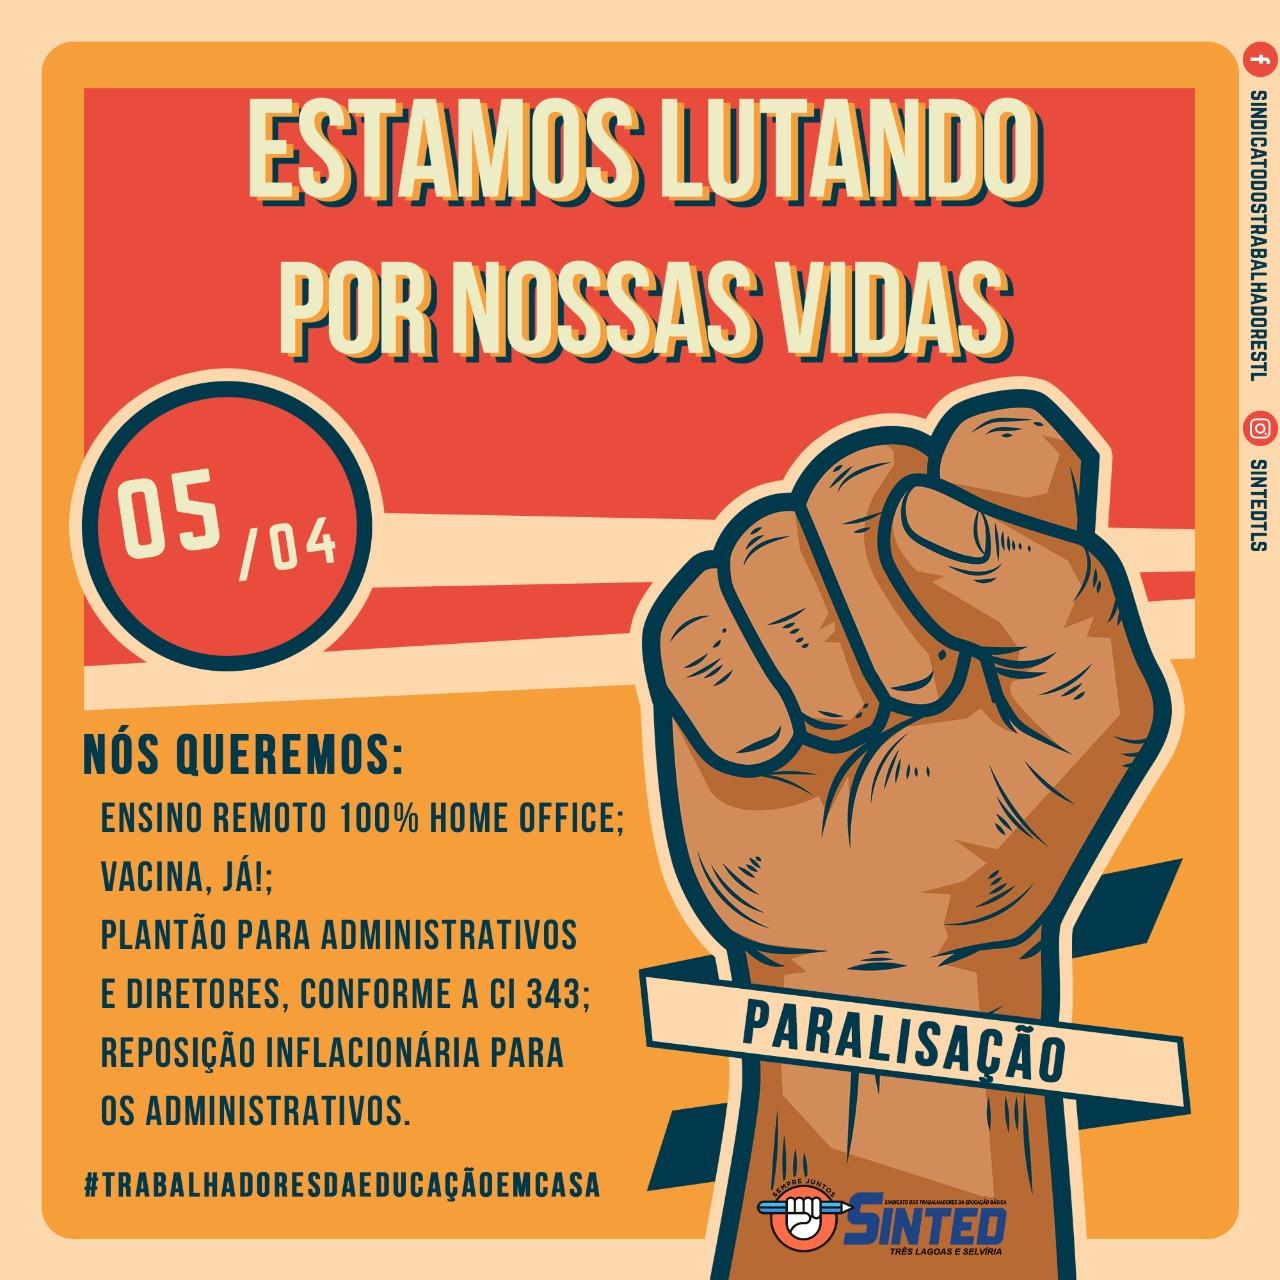 EM DEFESA DA VIDA, TRABALHADORES DA EDUCAÇÃO PARALISAM AS ATIVIDADES NESTA SEGUNDA-FEIRA (05) 1